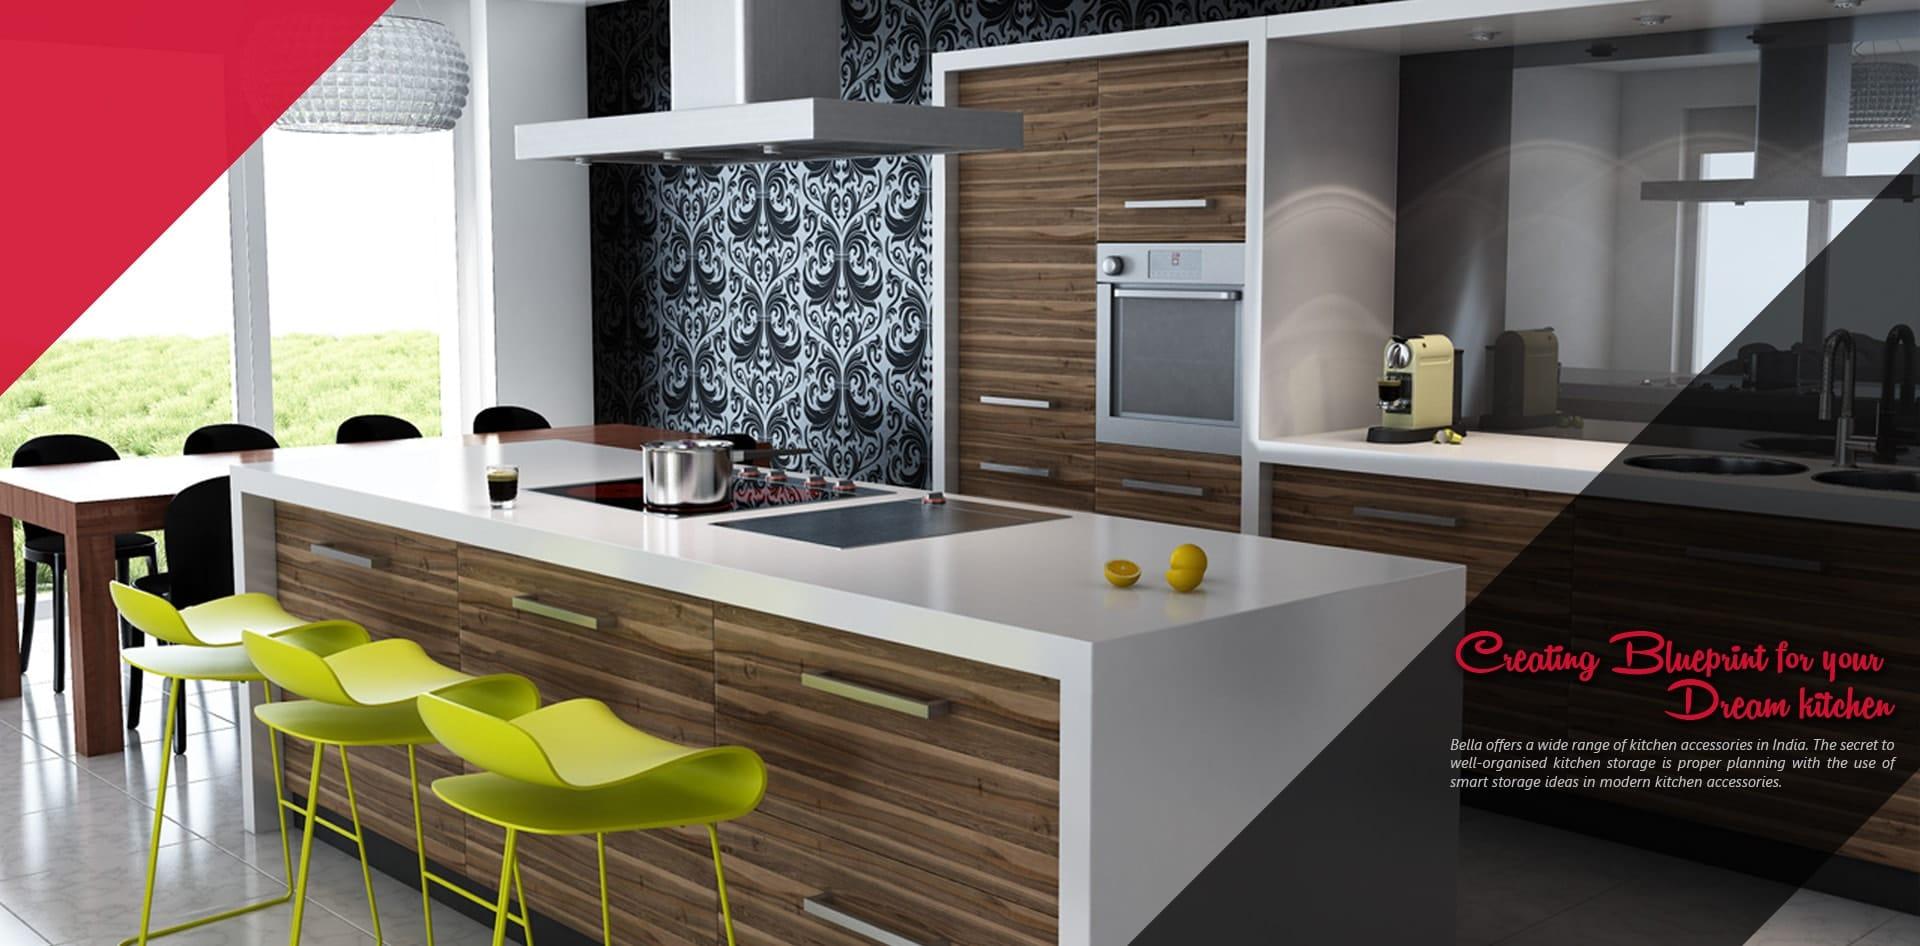 Charmant Low Cost Küche Design In Indien Fotos - Küchen Design Ideen ...